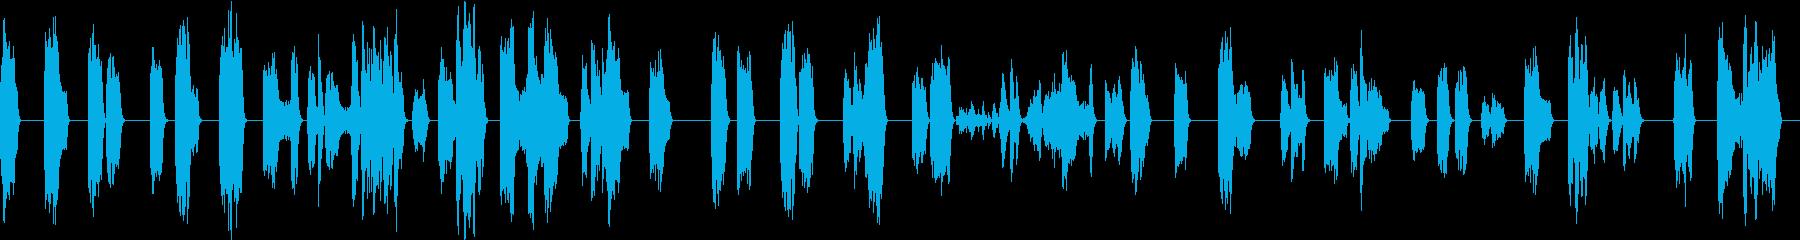 ひどく壊れた信号通信干渉の再生済みの波形